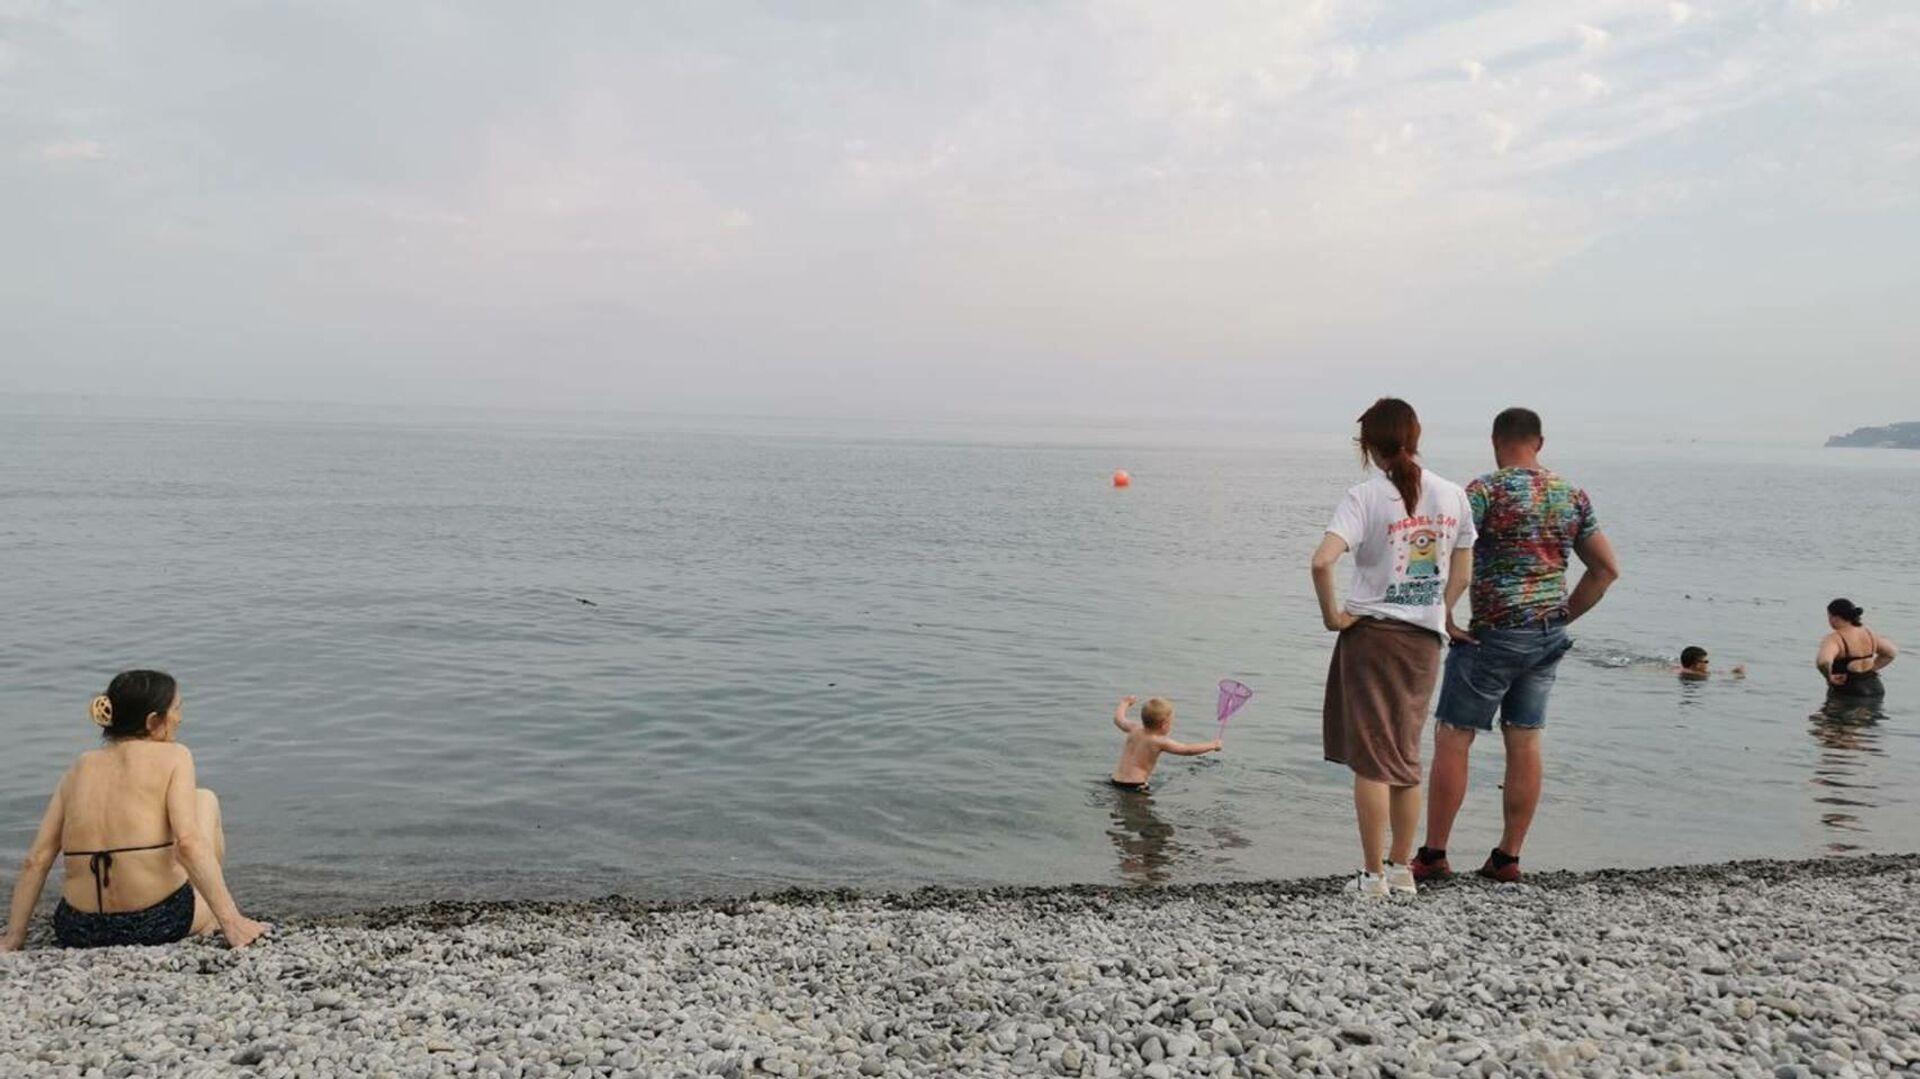 Отдыхающие в Ялте купаются в море, несмотря на запрет после наводнения - РИА Новости, 1920, 28.06.2021